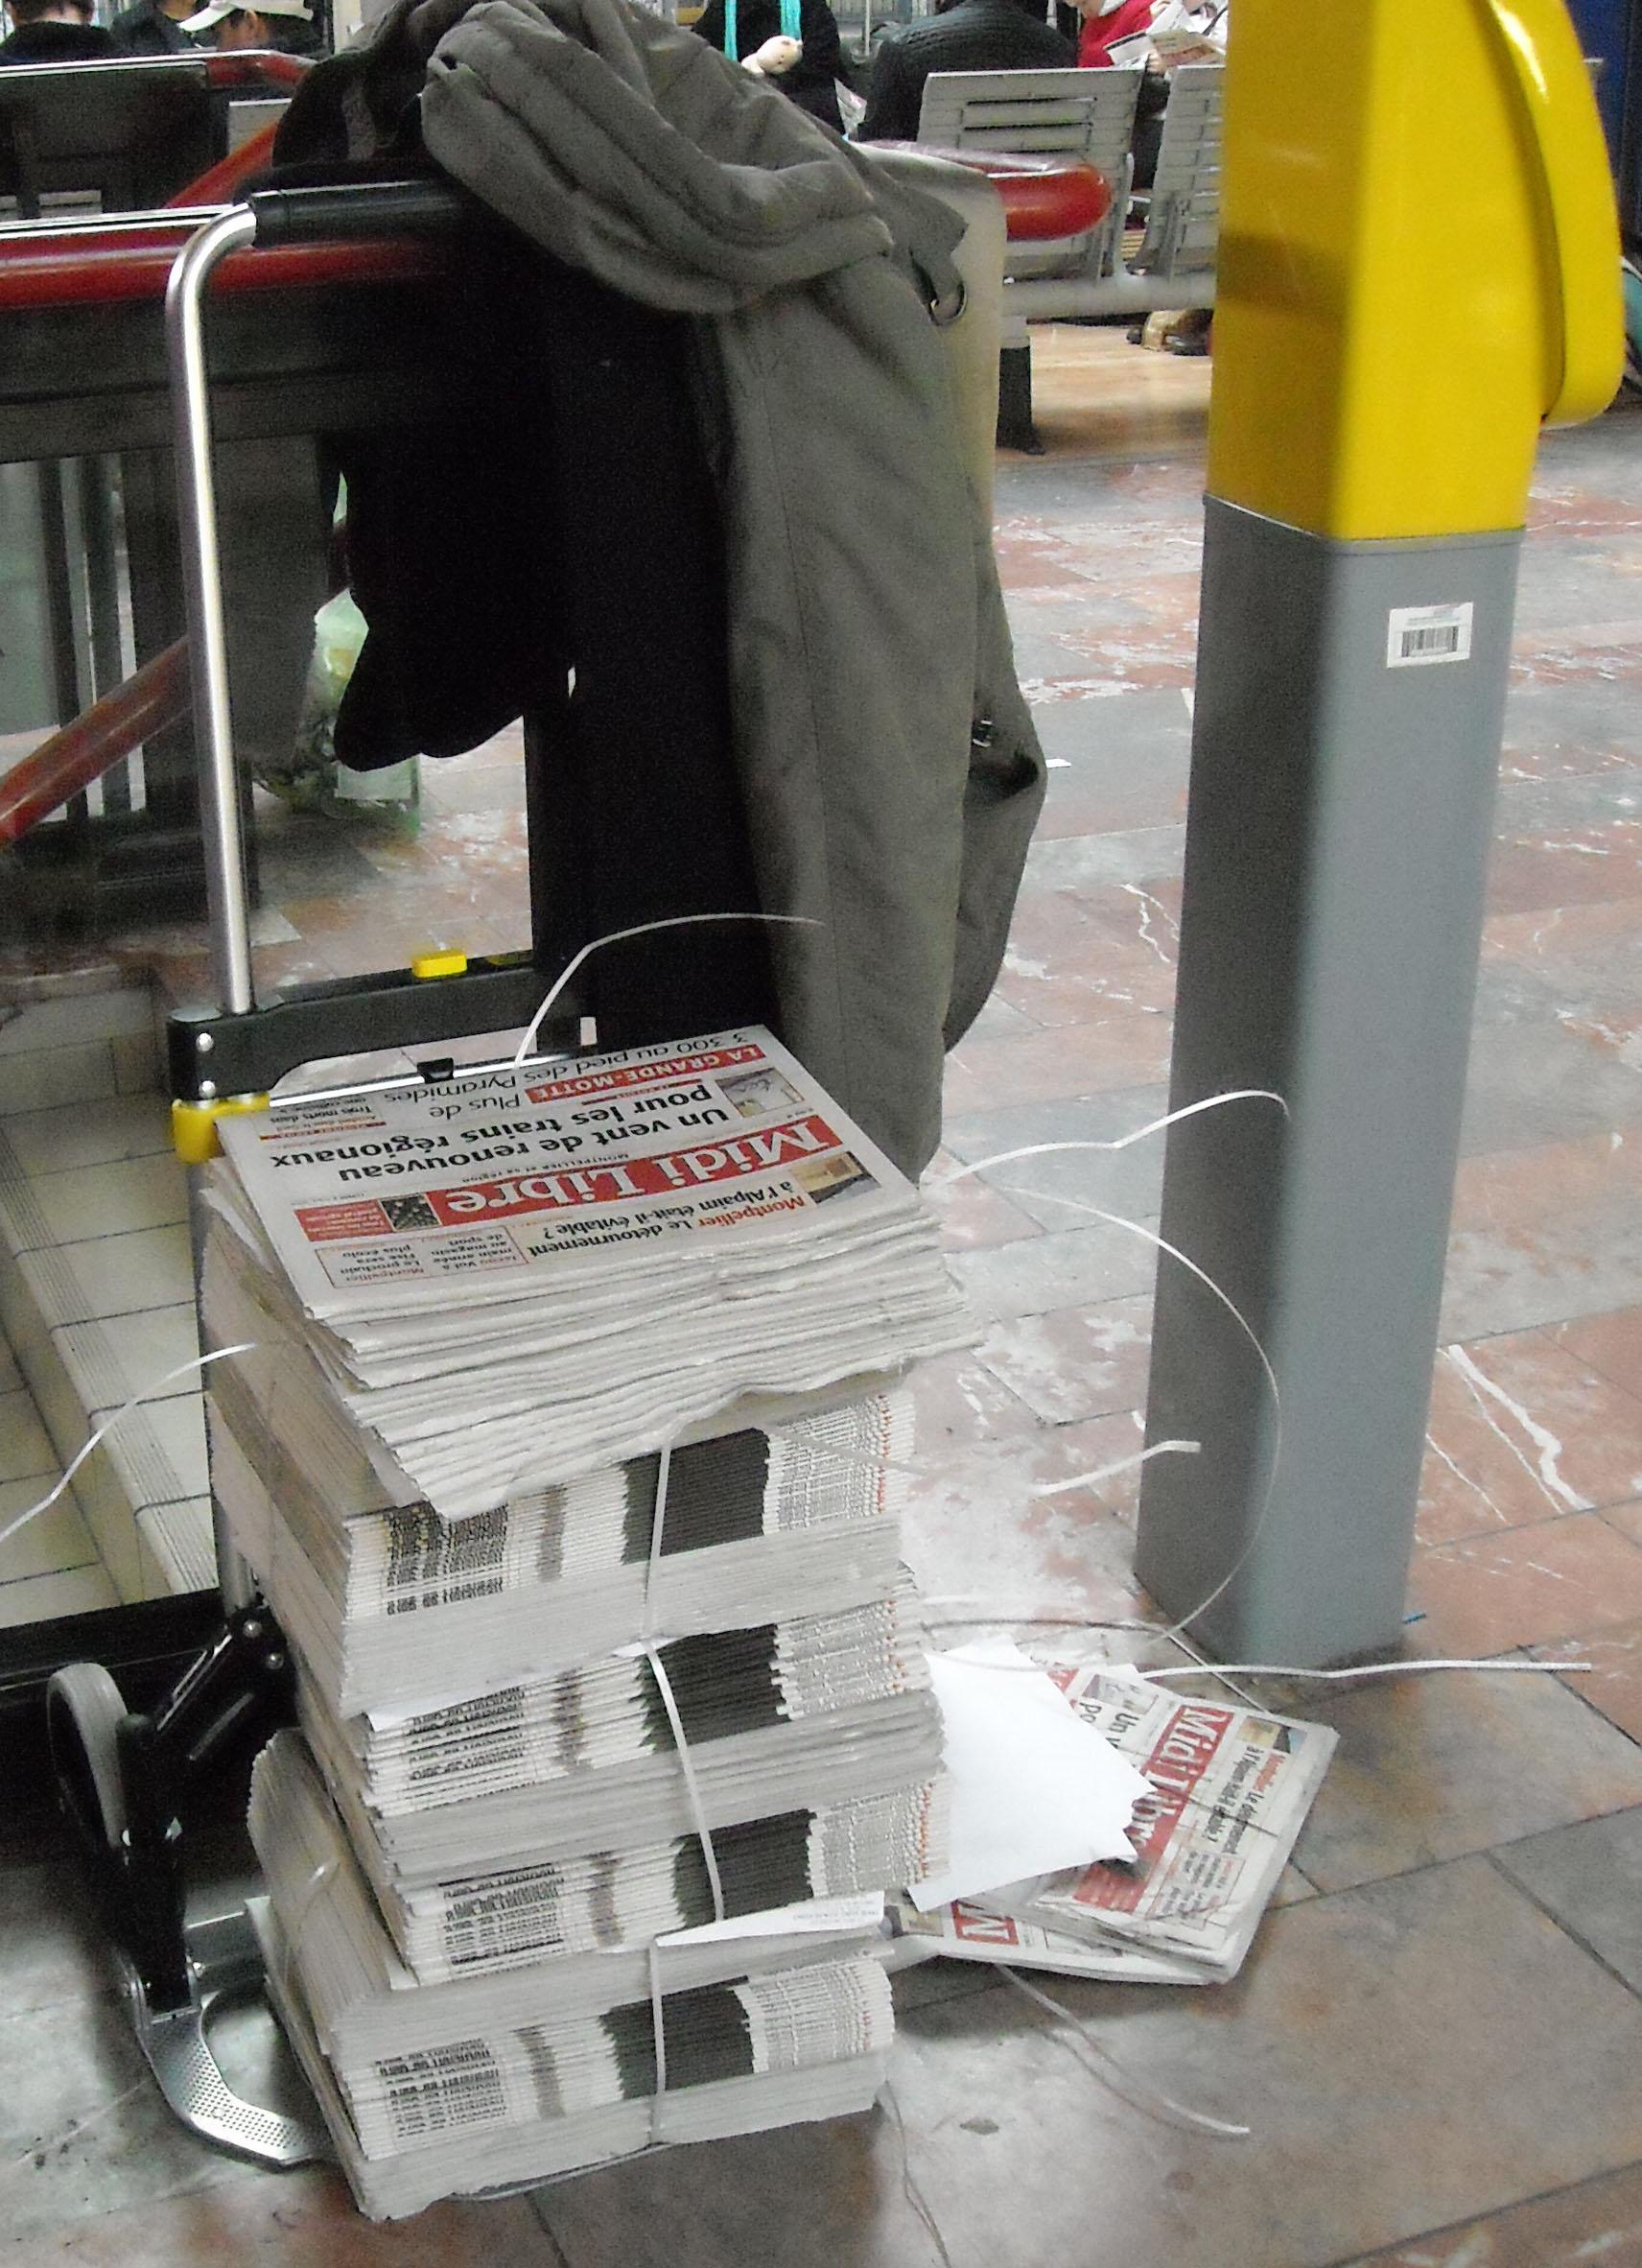 Midi libre confond quotidien r gional et journal de la r gion m - Journal de montpellier ...